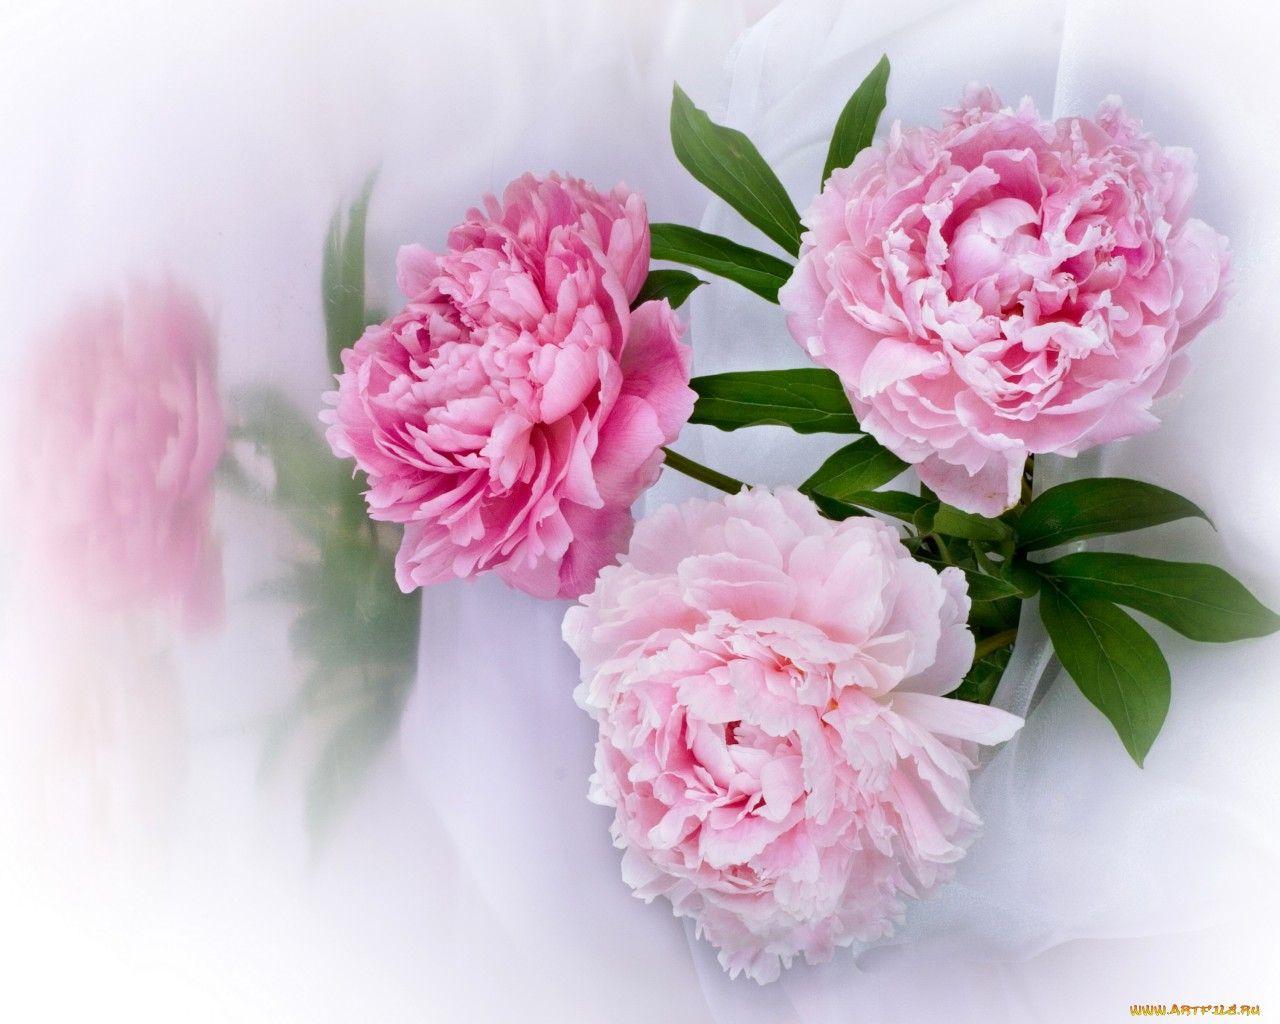 Обои Цветы Пионы, обои для рабочего стола, фотографии ...